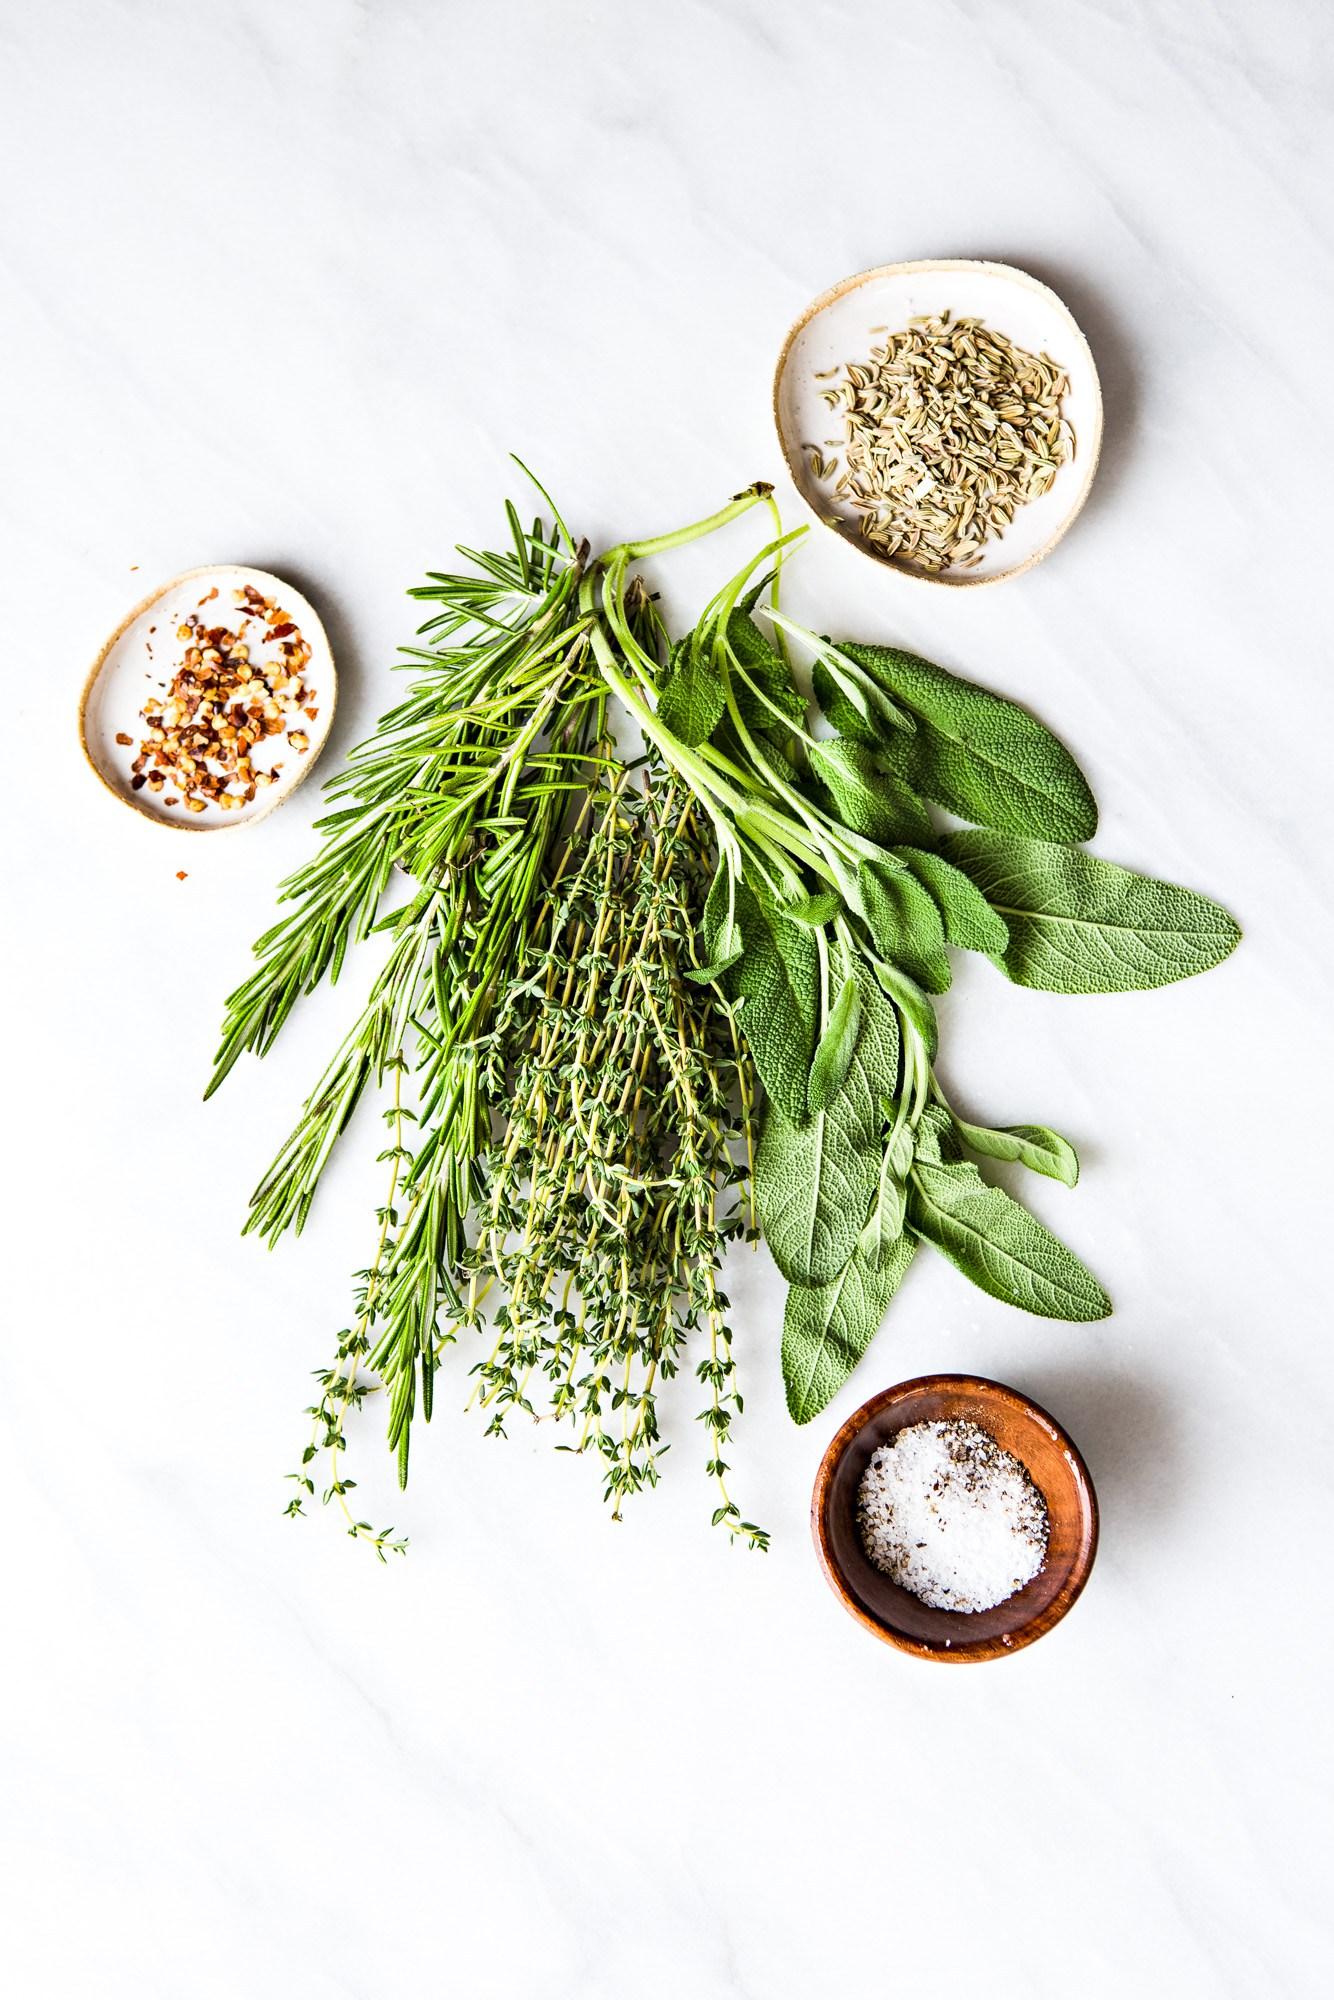 Lamb Herb Rub Ingredients